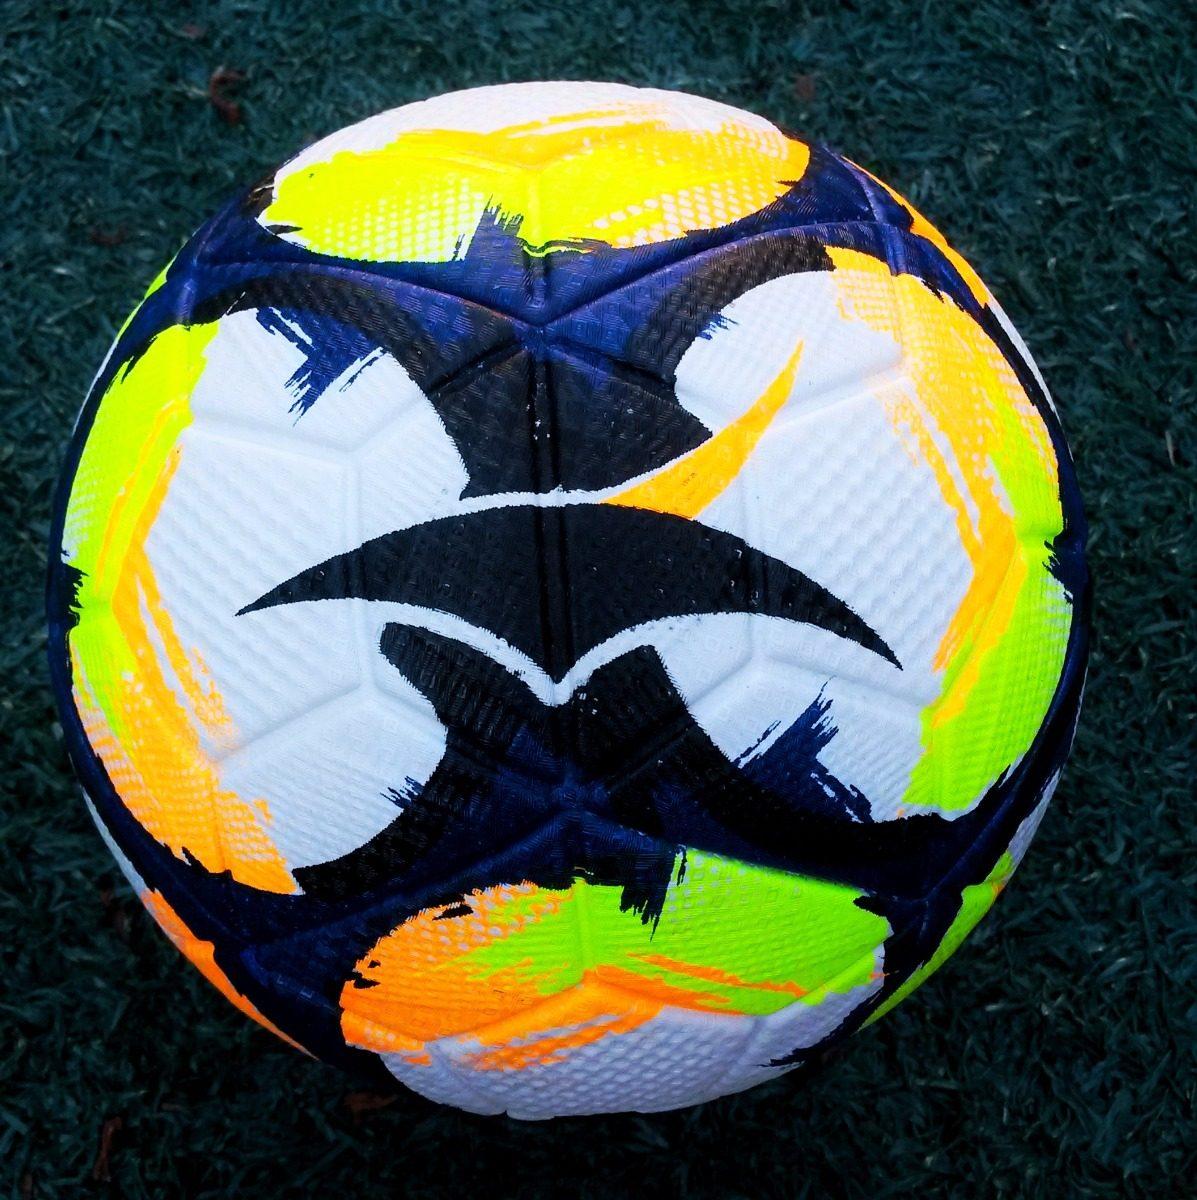 ab99152094 Bola Futsal Kagiva Tecnofusion Sub 11 - R  60